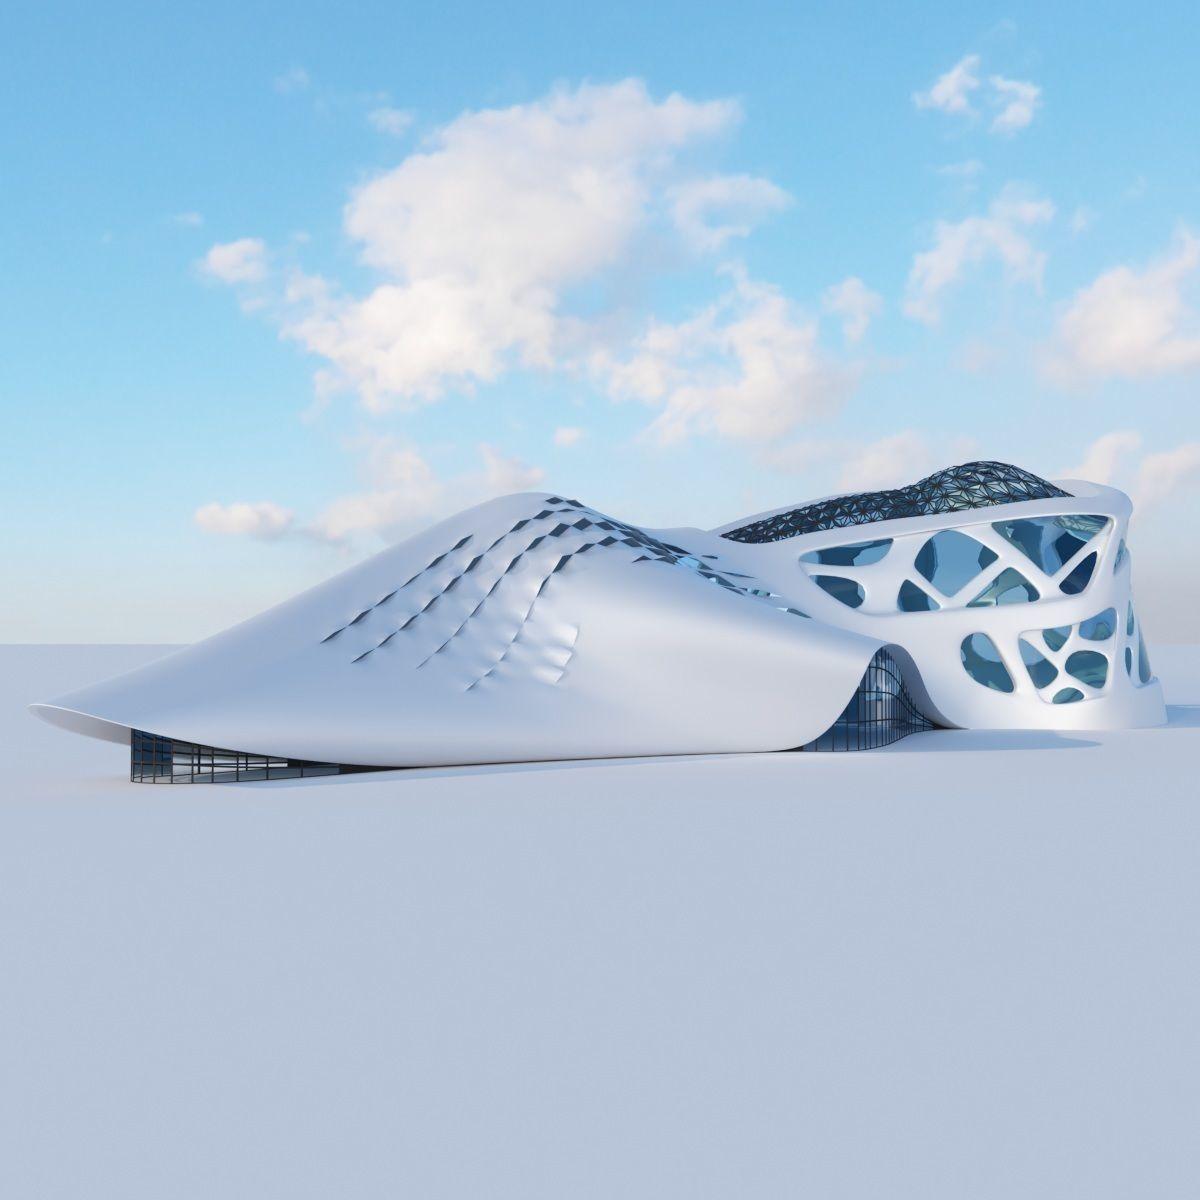 Futuristic building 6